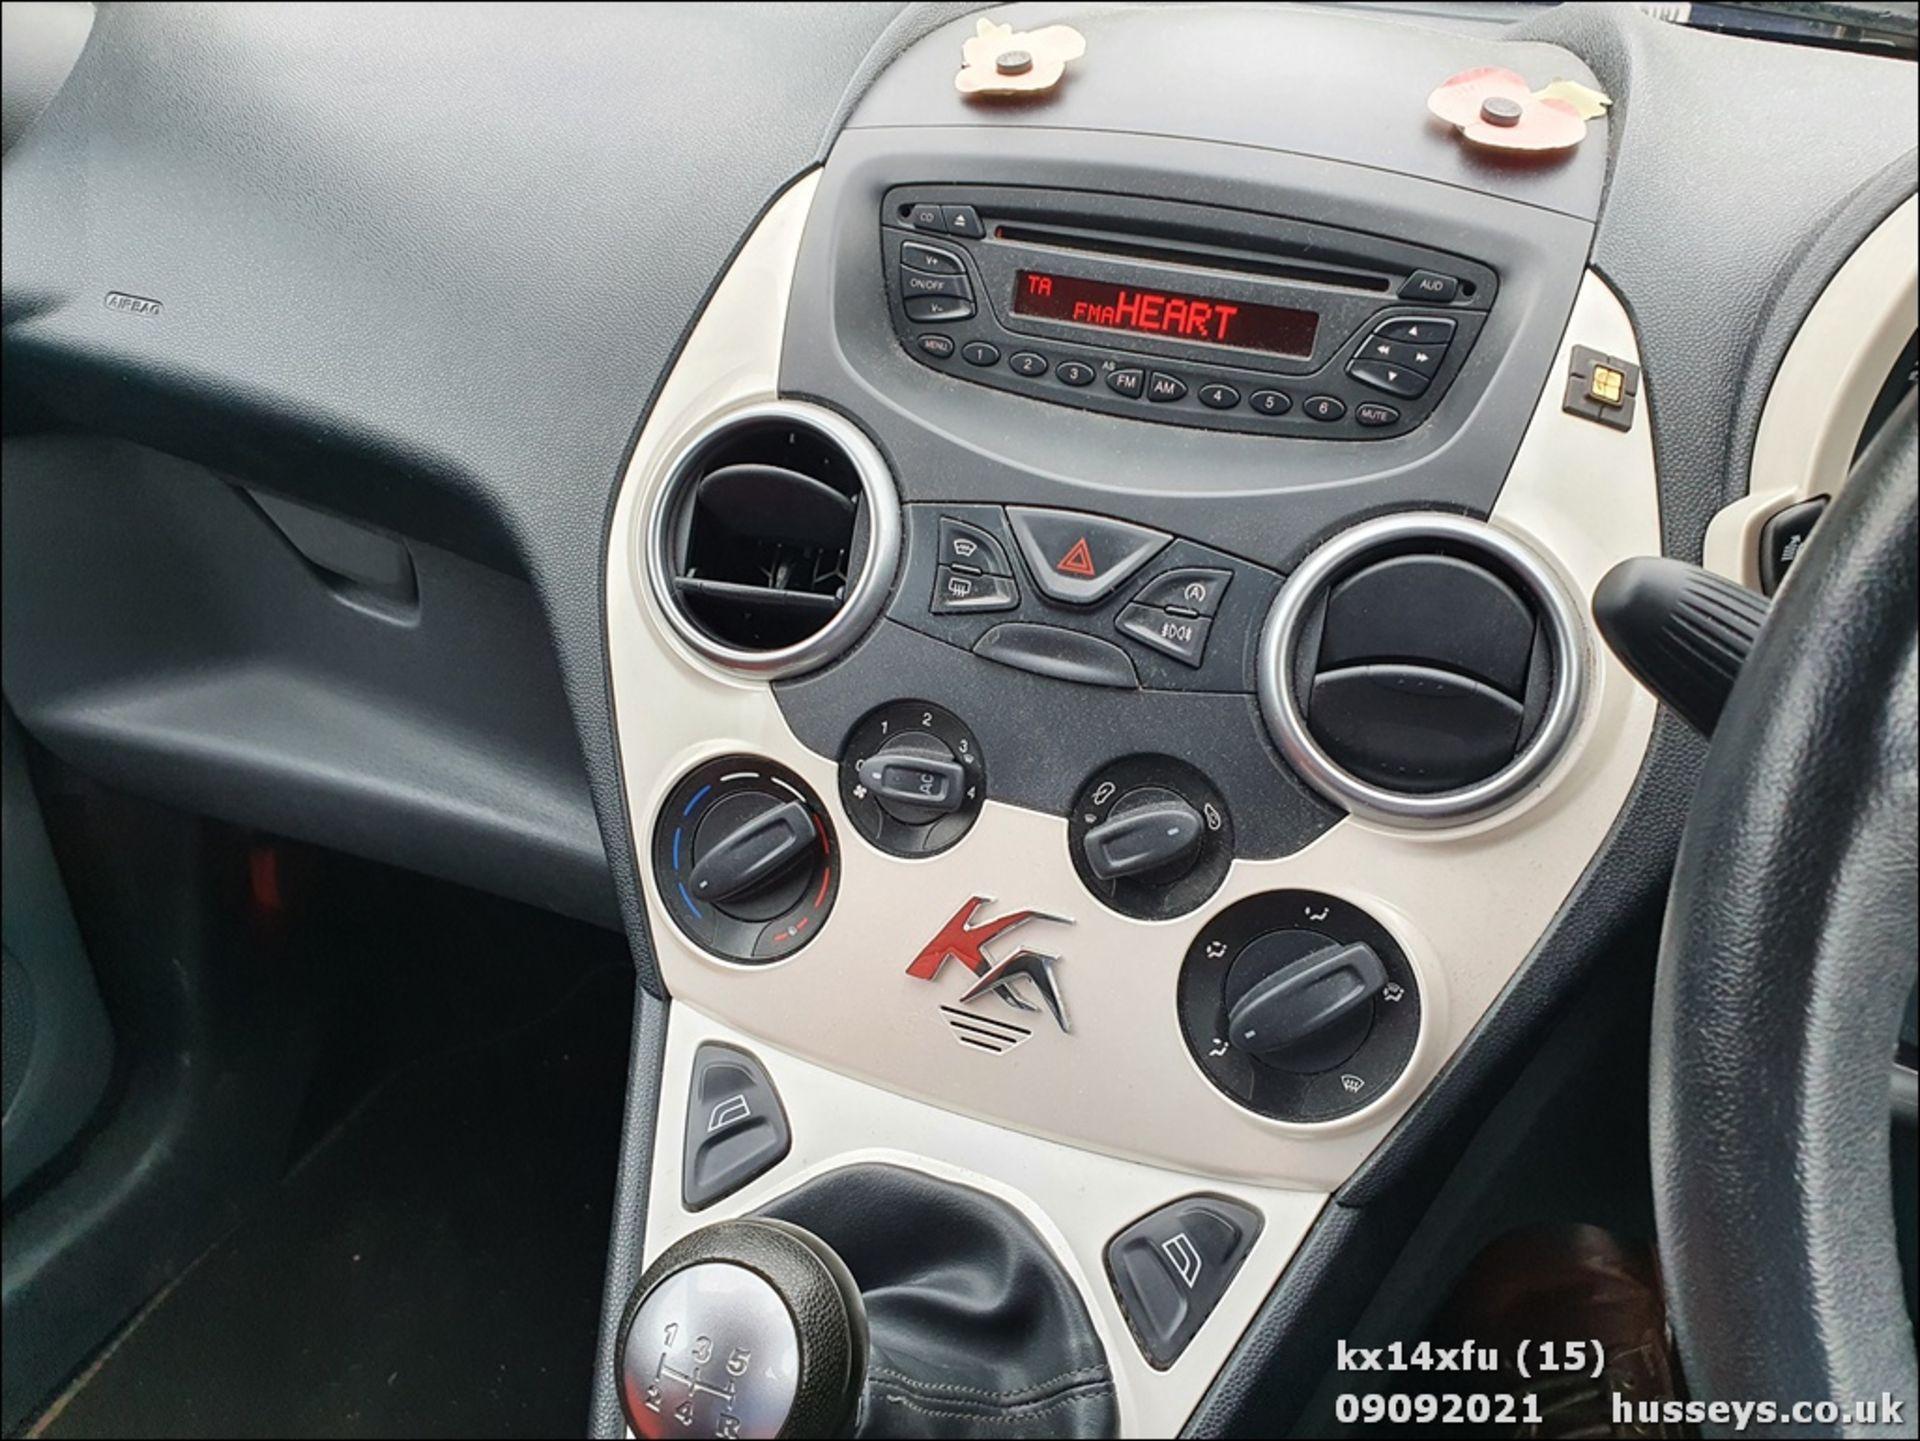 14/14 FORD KA ZETEC - 1242cc 3dr Hatchback (Red) - Image 15 of 17